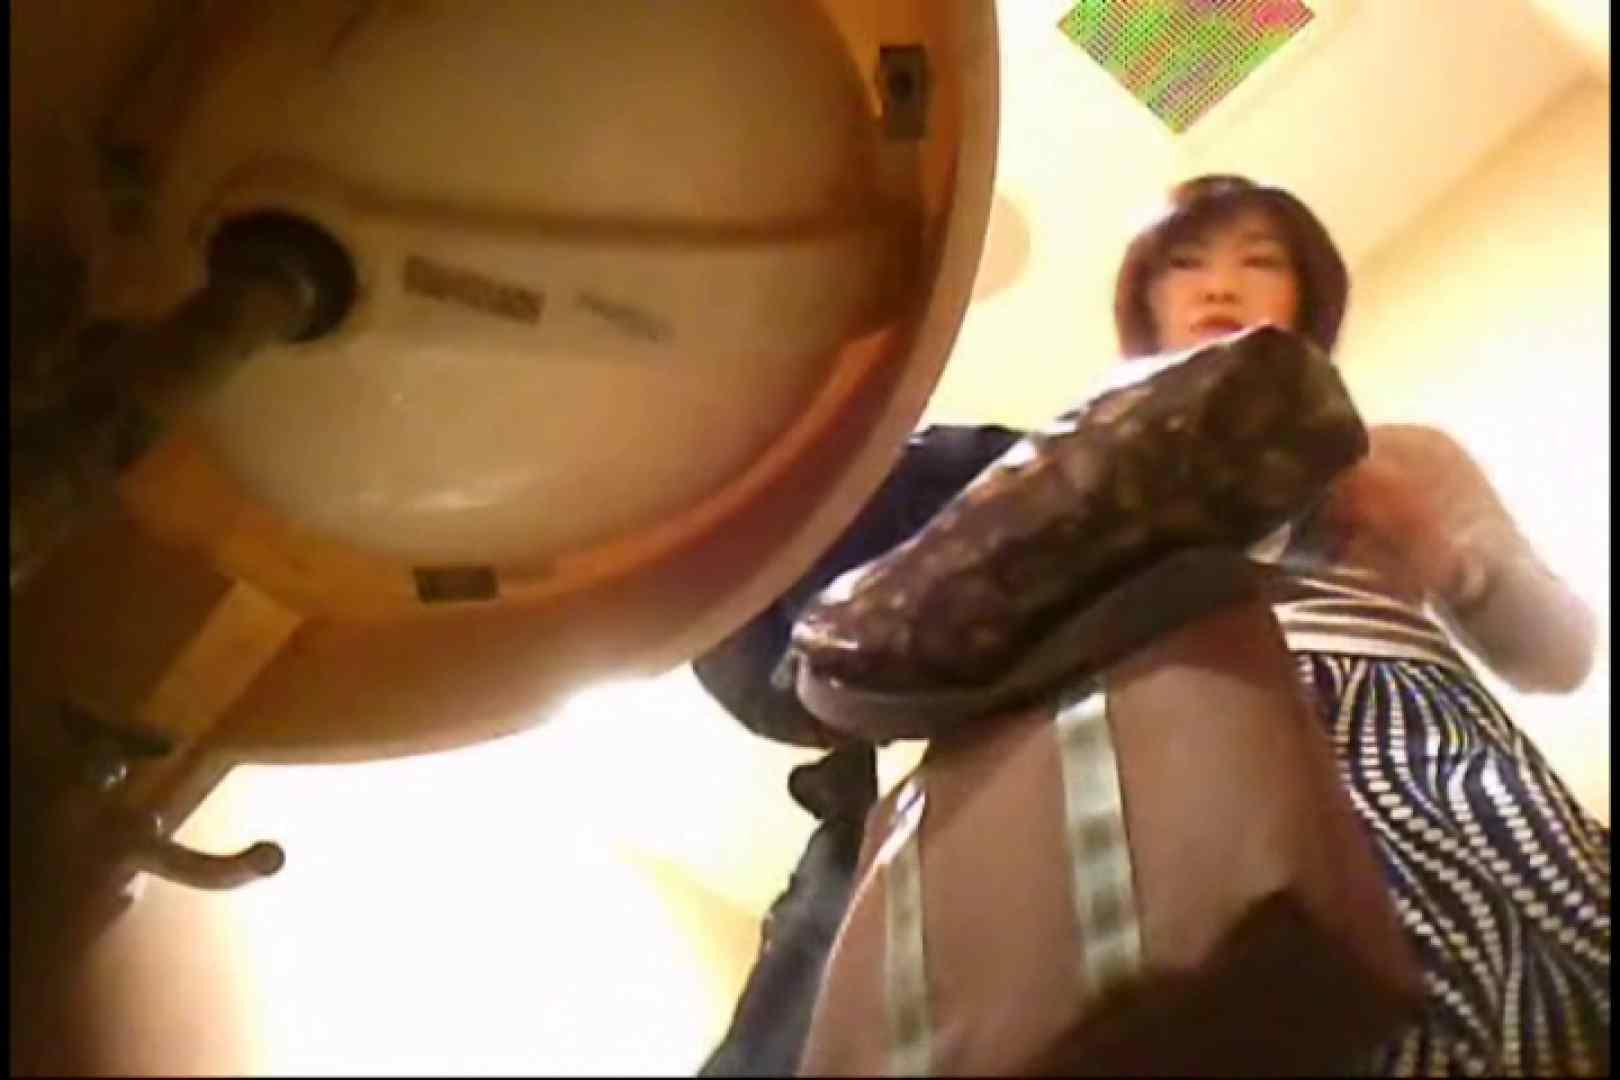 画質向上!新亀さん厠 vol.07 オマンコ見放題 セックス無修正動画無料 9枚 8